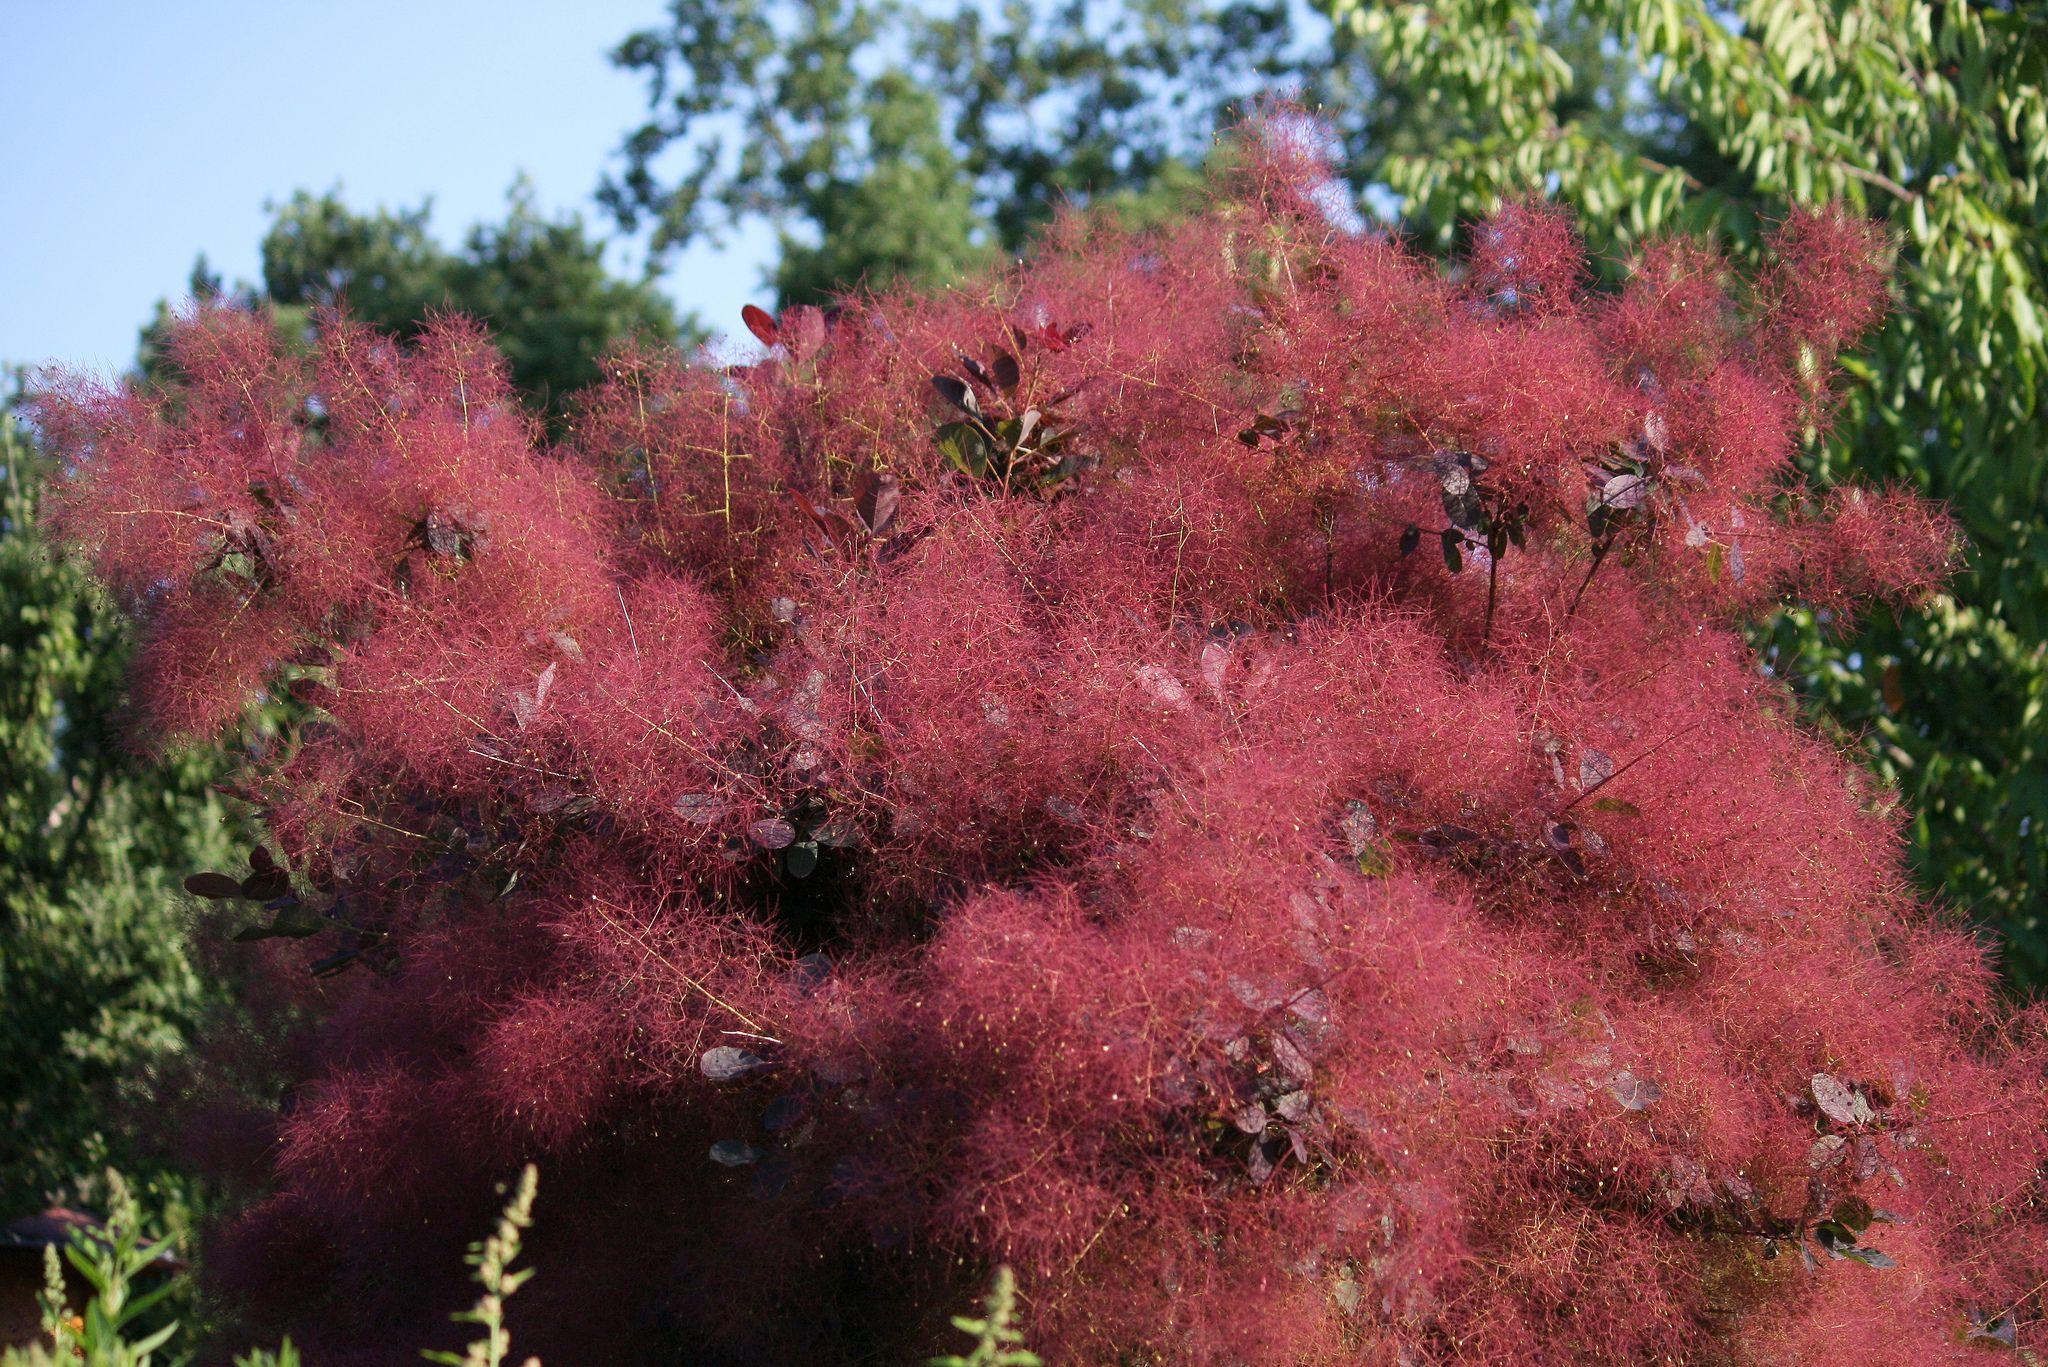 Purple leaf shrub with pink flowers - Purple Leaf Shrub With Pink Flowers 38